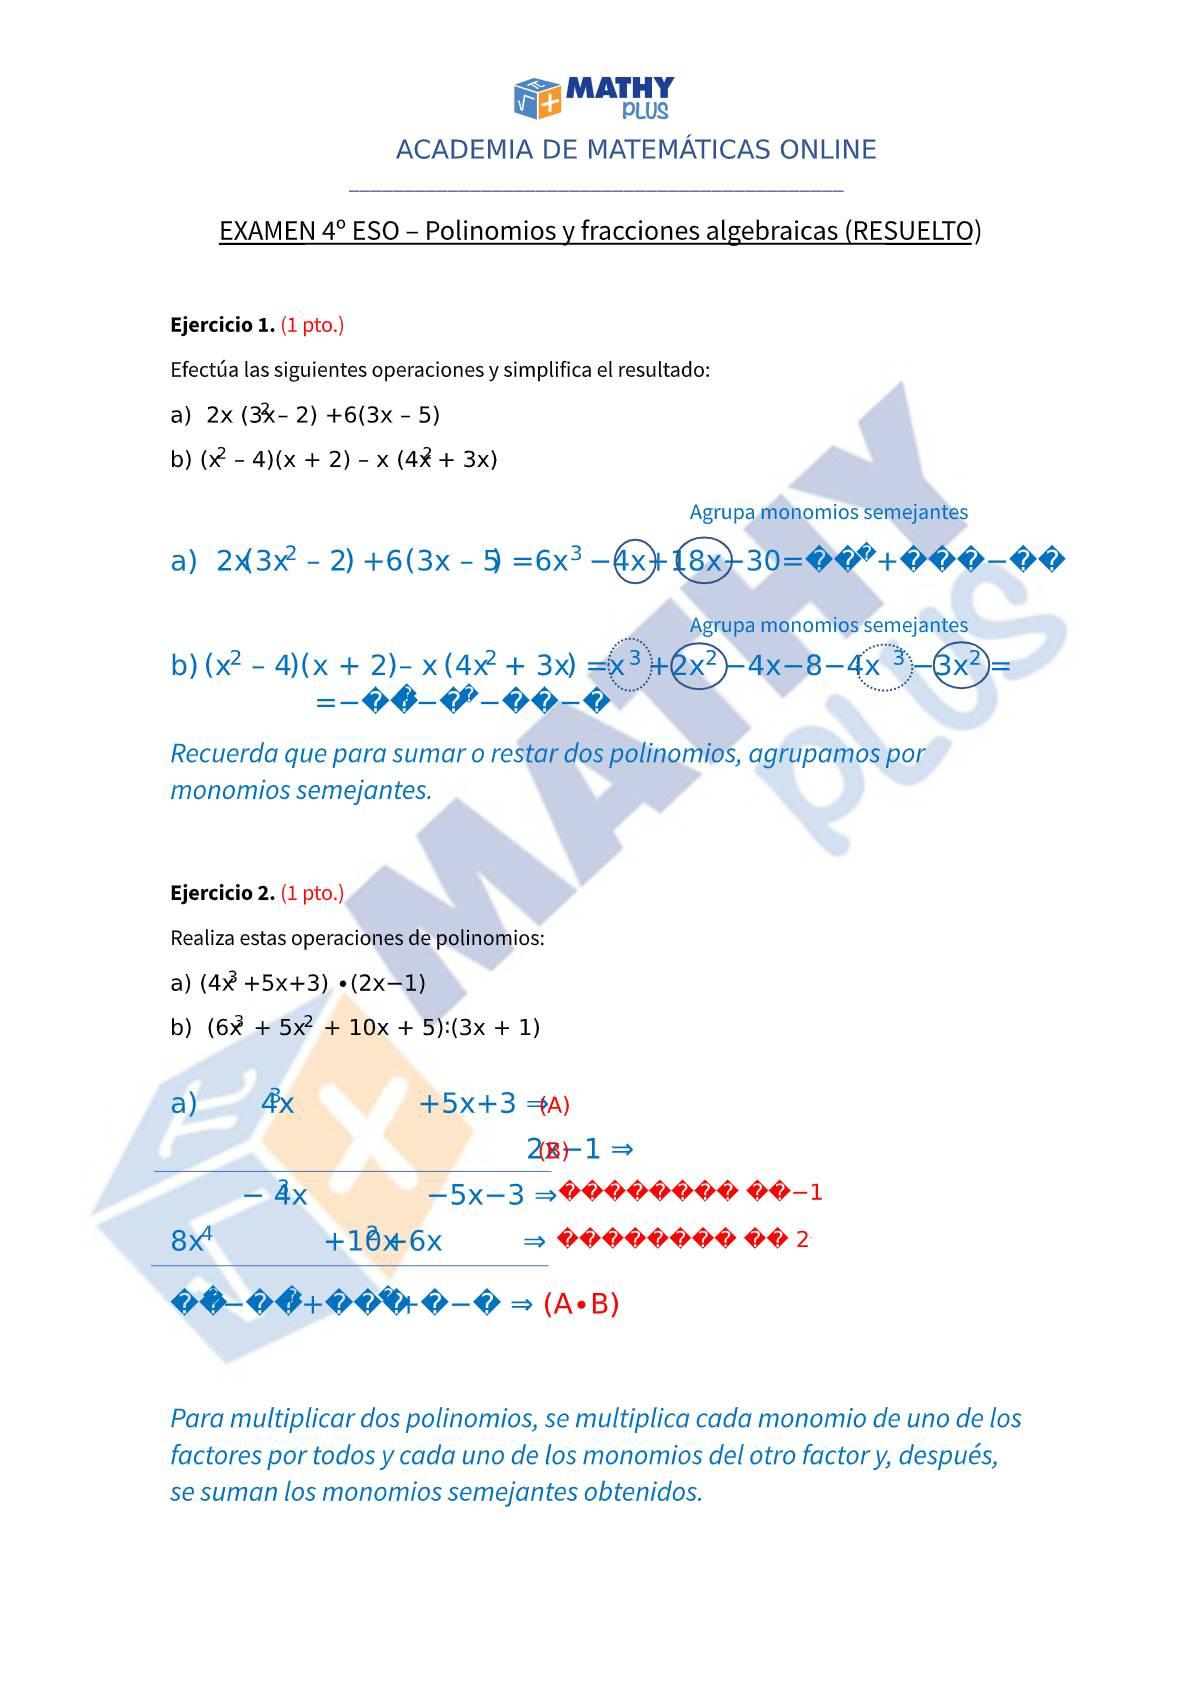 Examen resuelto polinomios y fracciones algebraicas